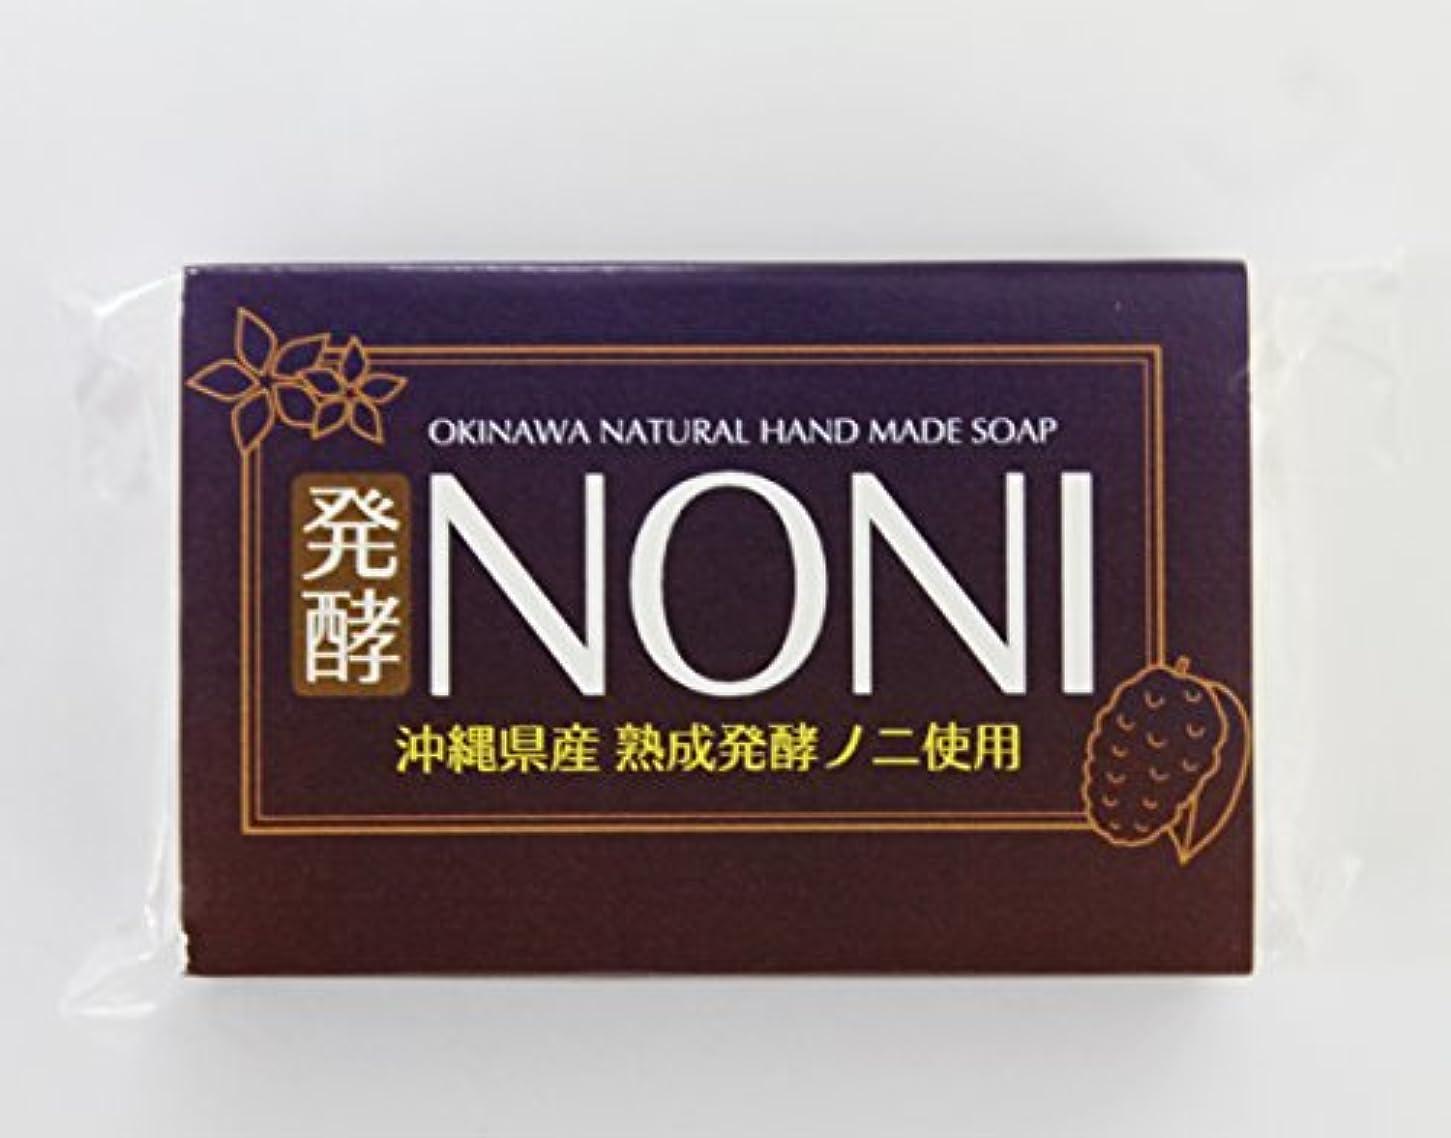 ツイン繰り返した故障沖縄 手作り ナチュラル洗顔 NONI石鹸 100g×30個 GreenEarth 発酵ノニを使用した保湿力の高いナチュラルソープ